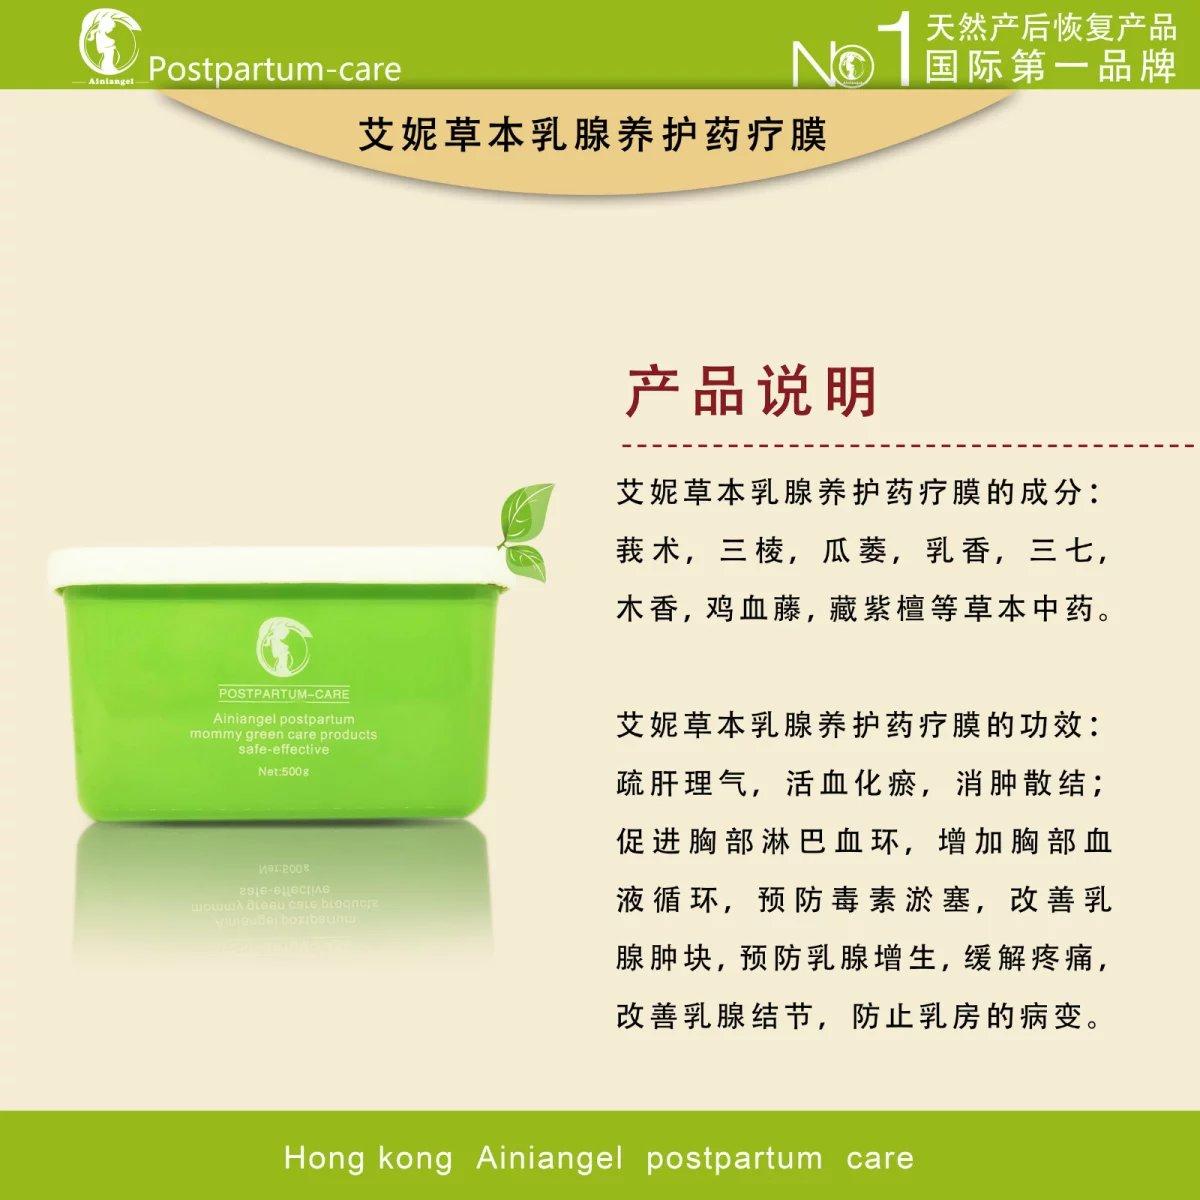 乳腺养护药疗膜